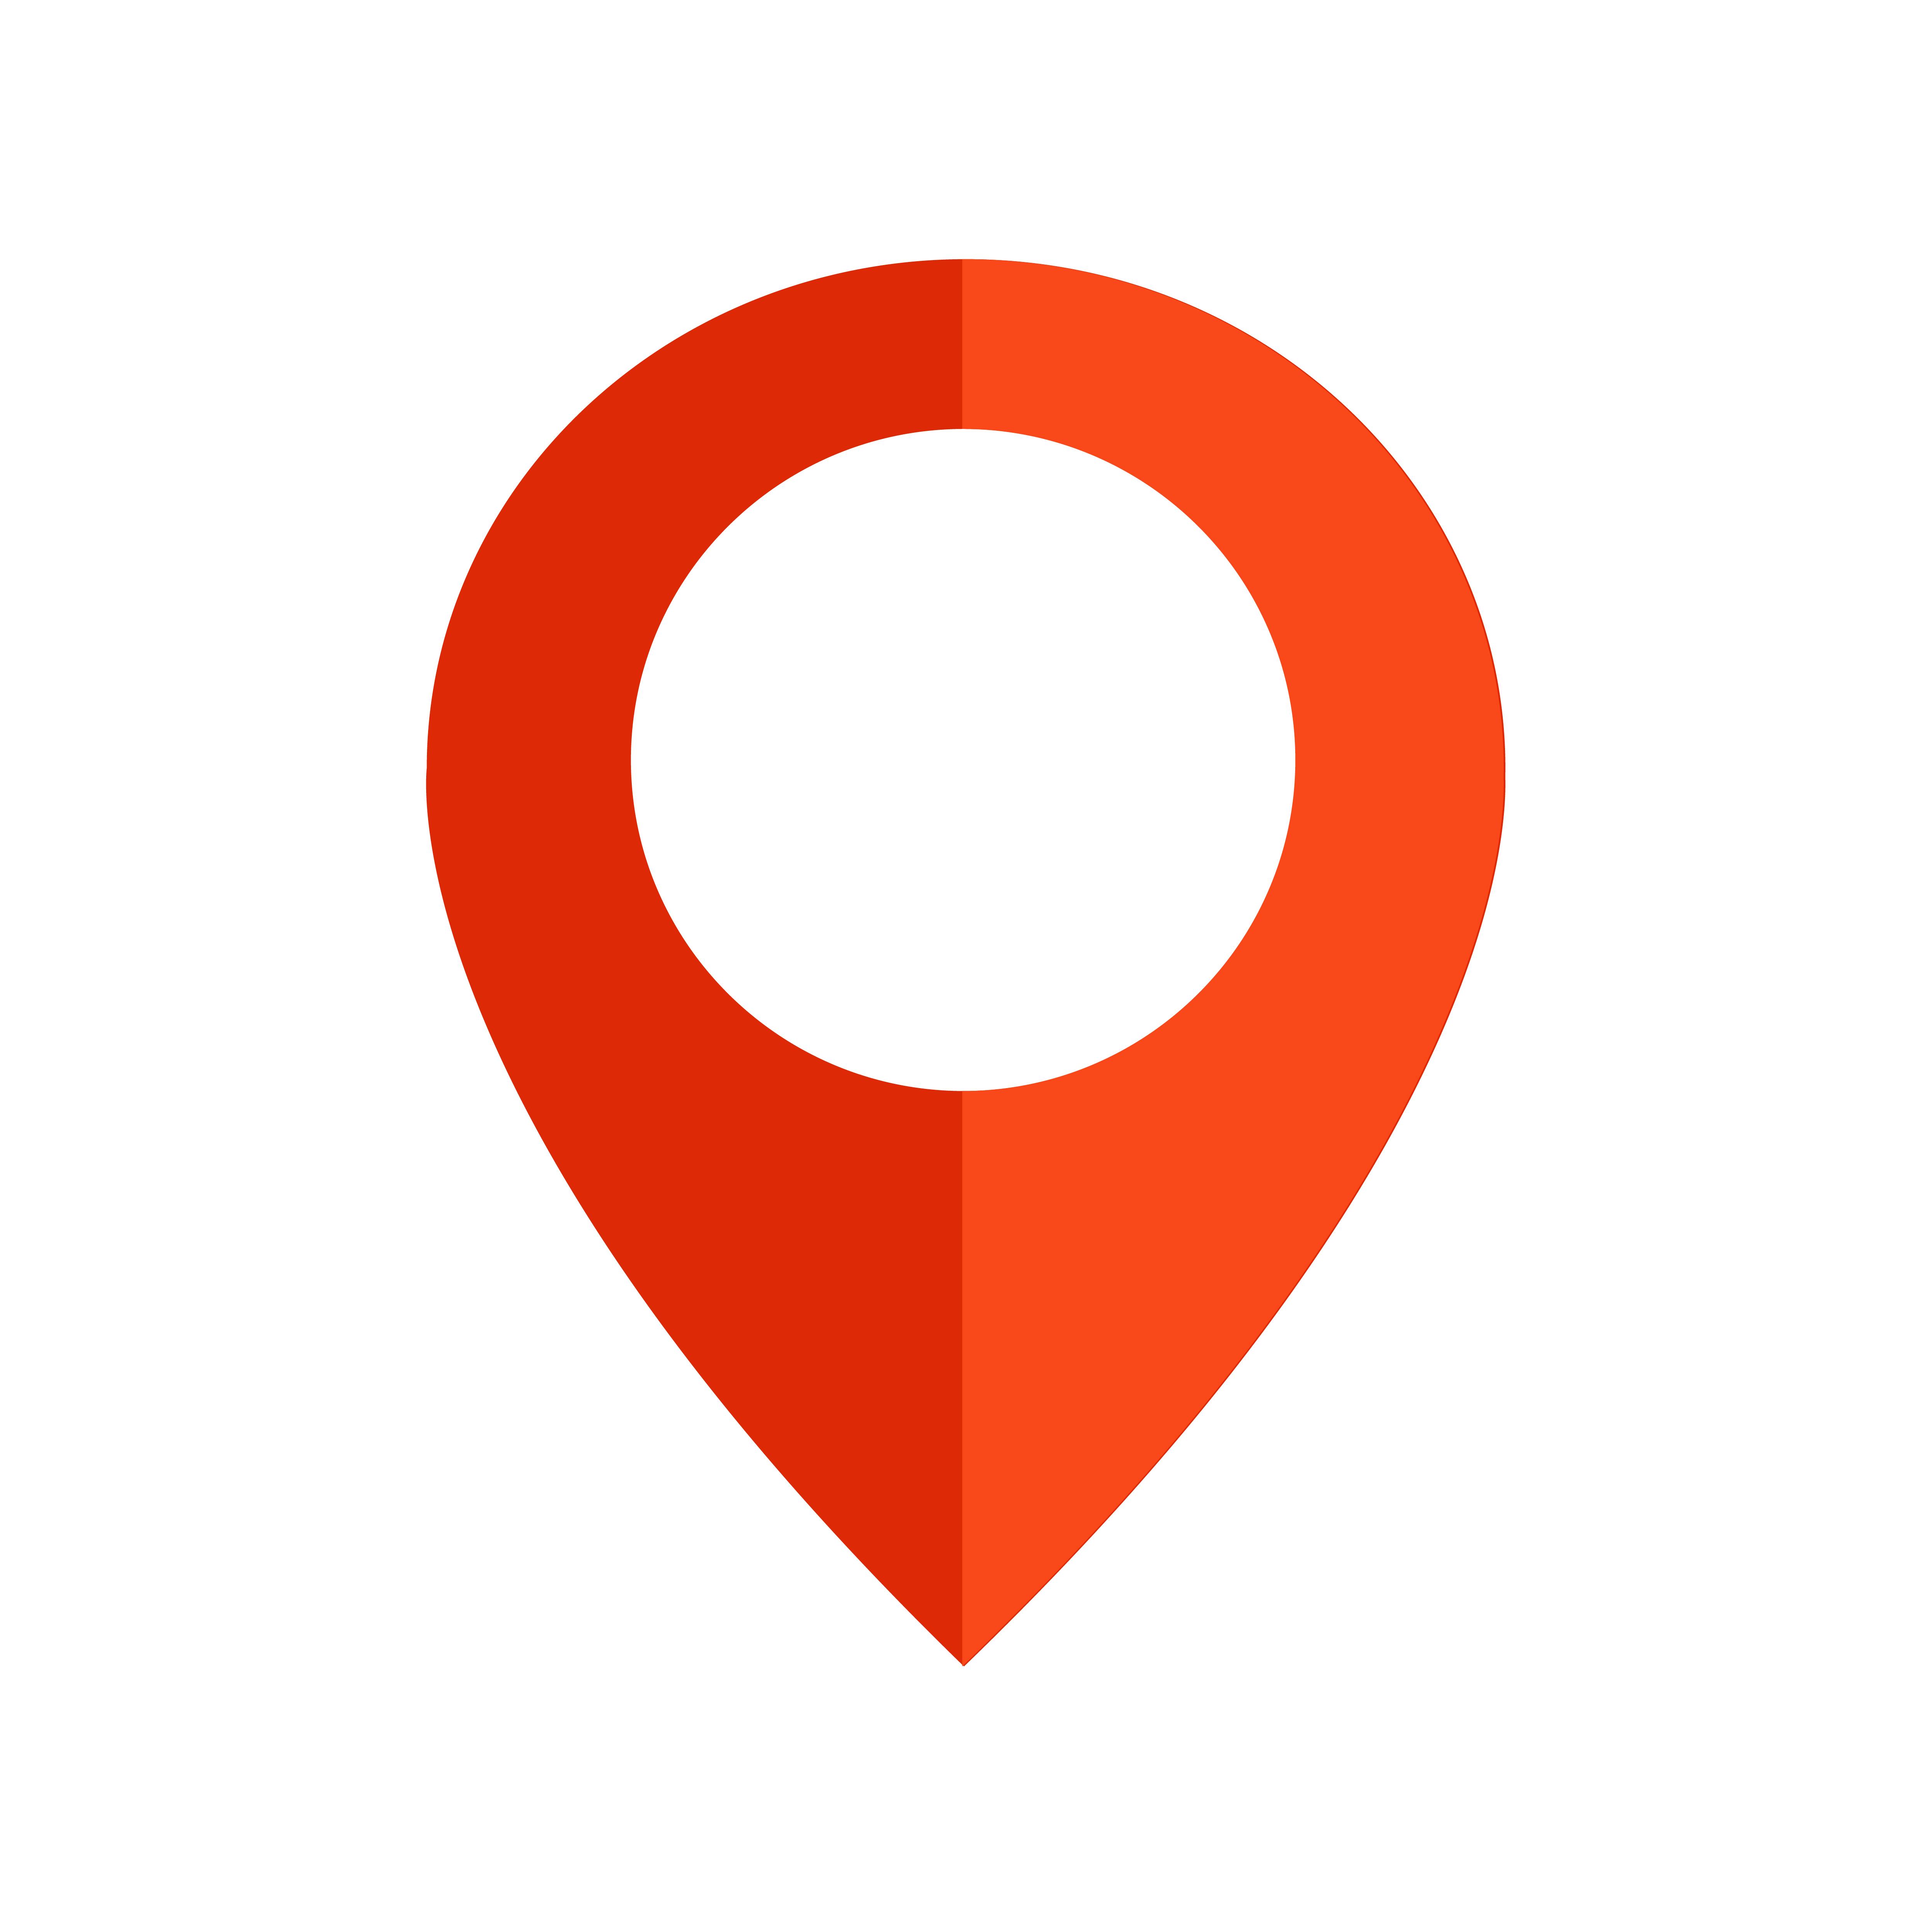 地標 icon 免費下載 | 天天瘋後製